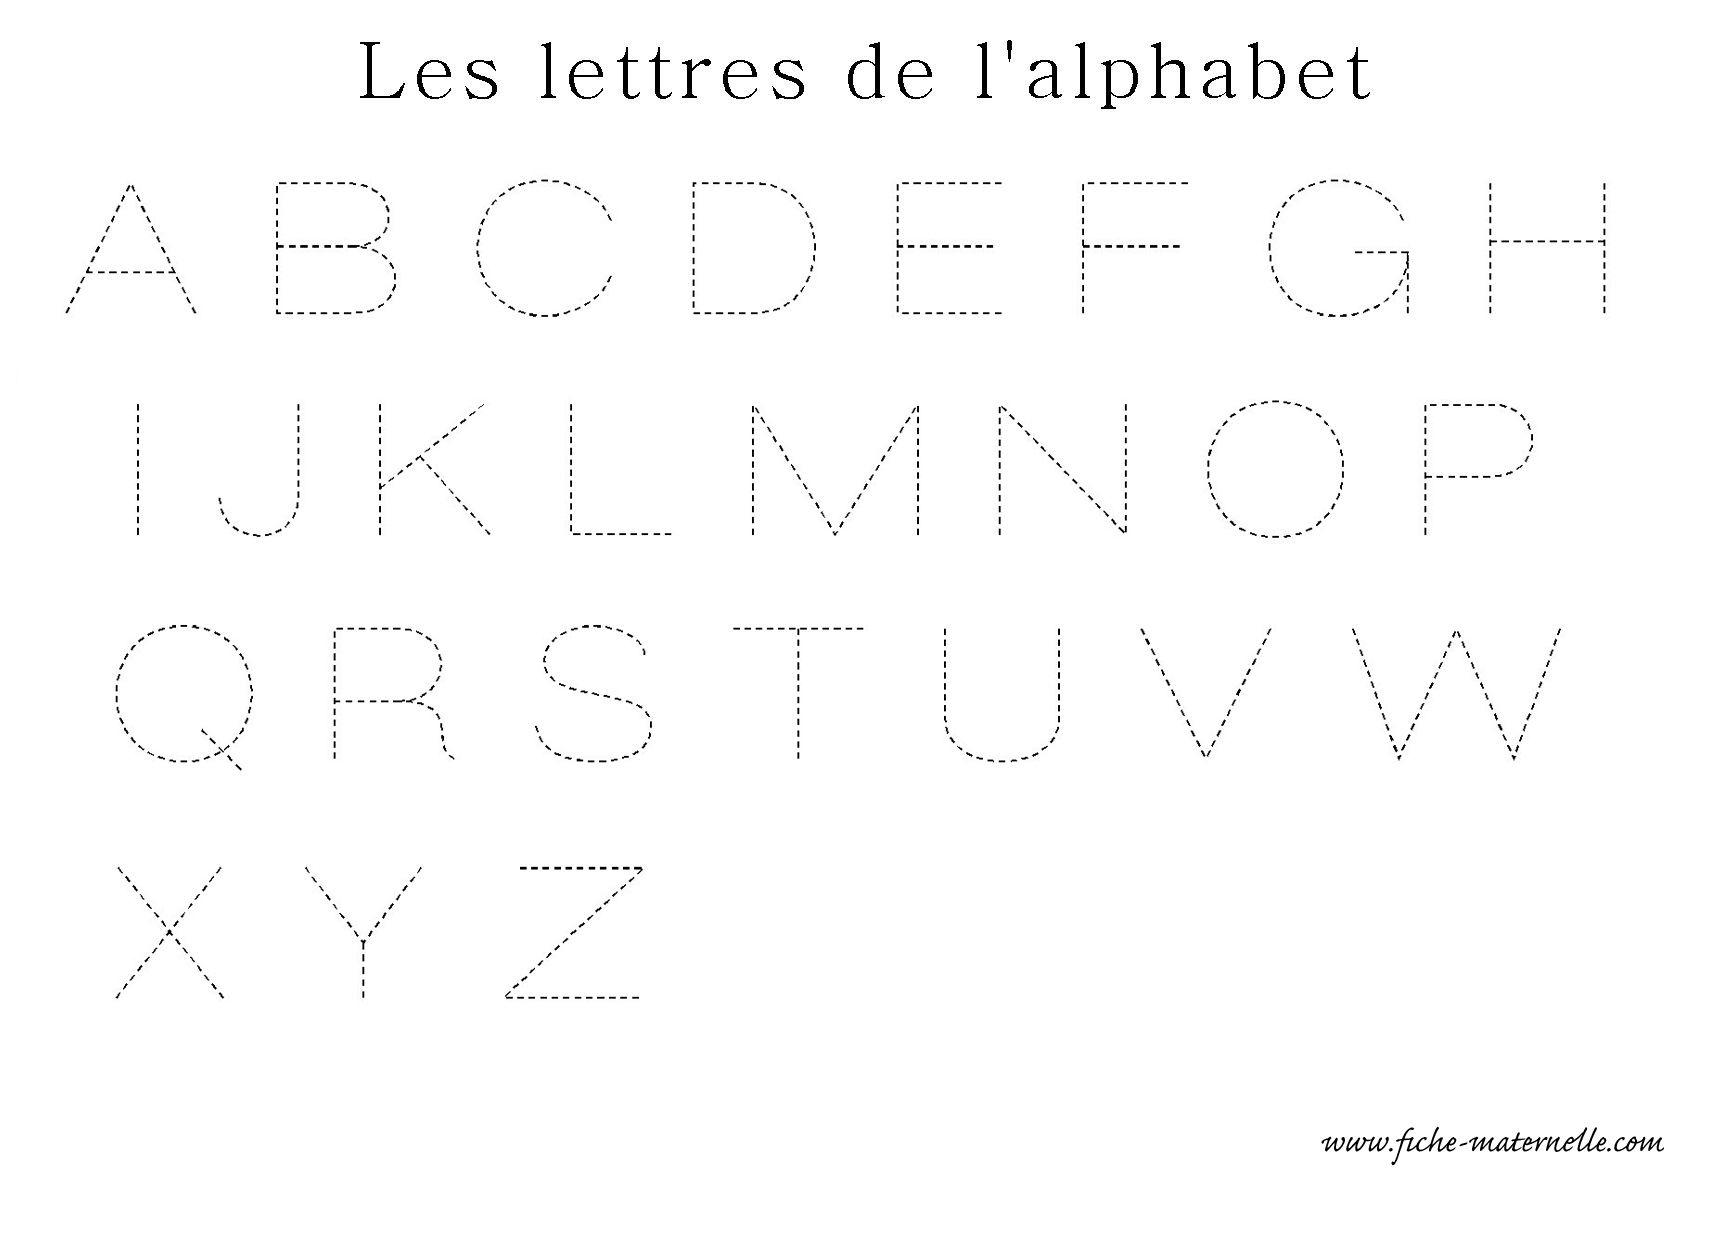 Apprendre A Ecrire Les Lettres De L Alphabet En Ecriture dedans Apprendre A Ecrire L Alphabet